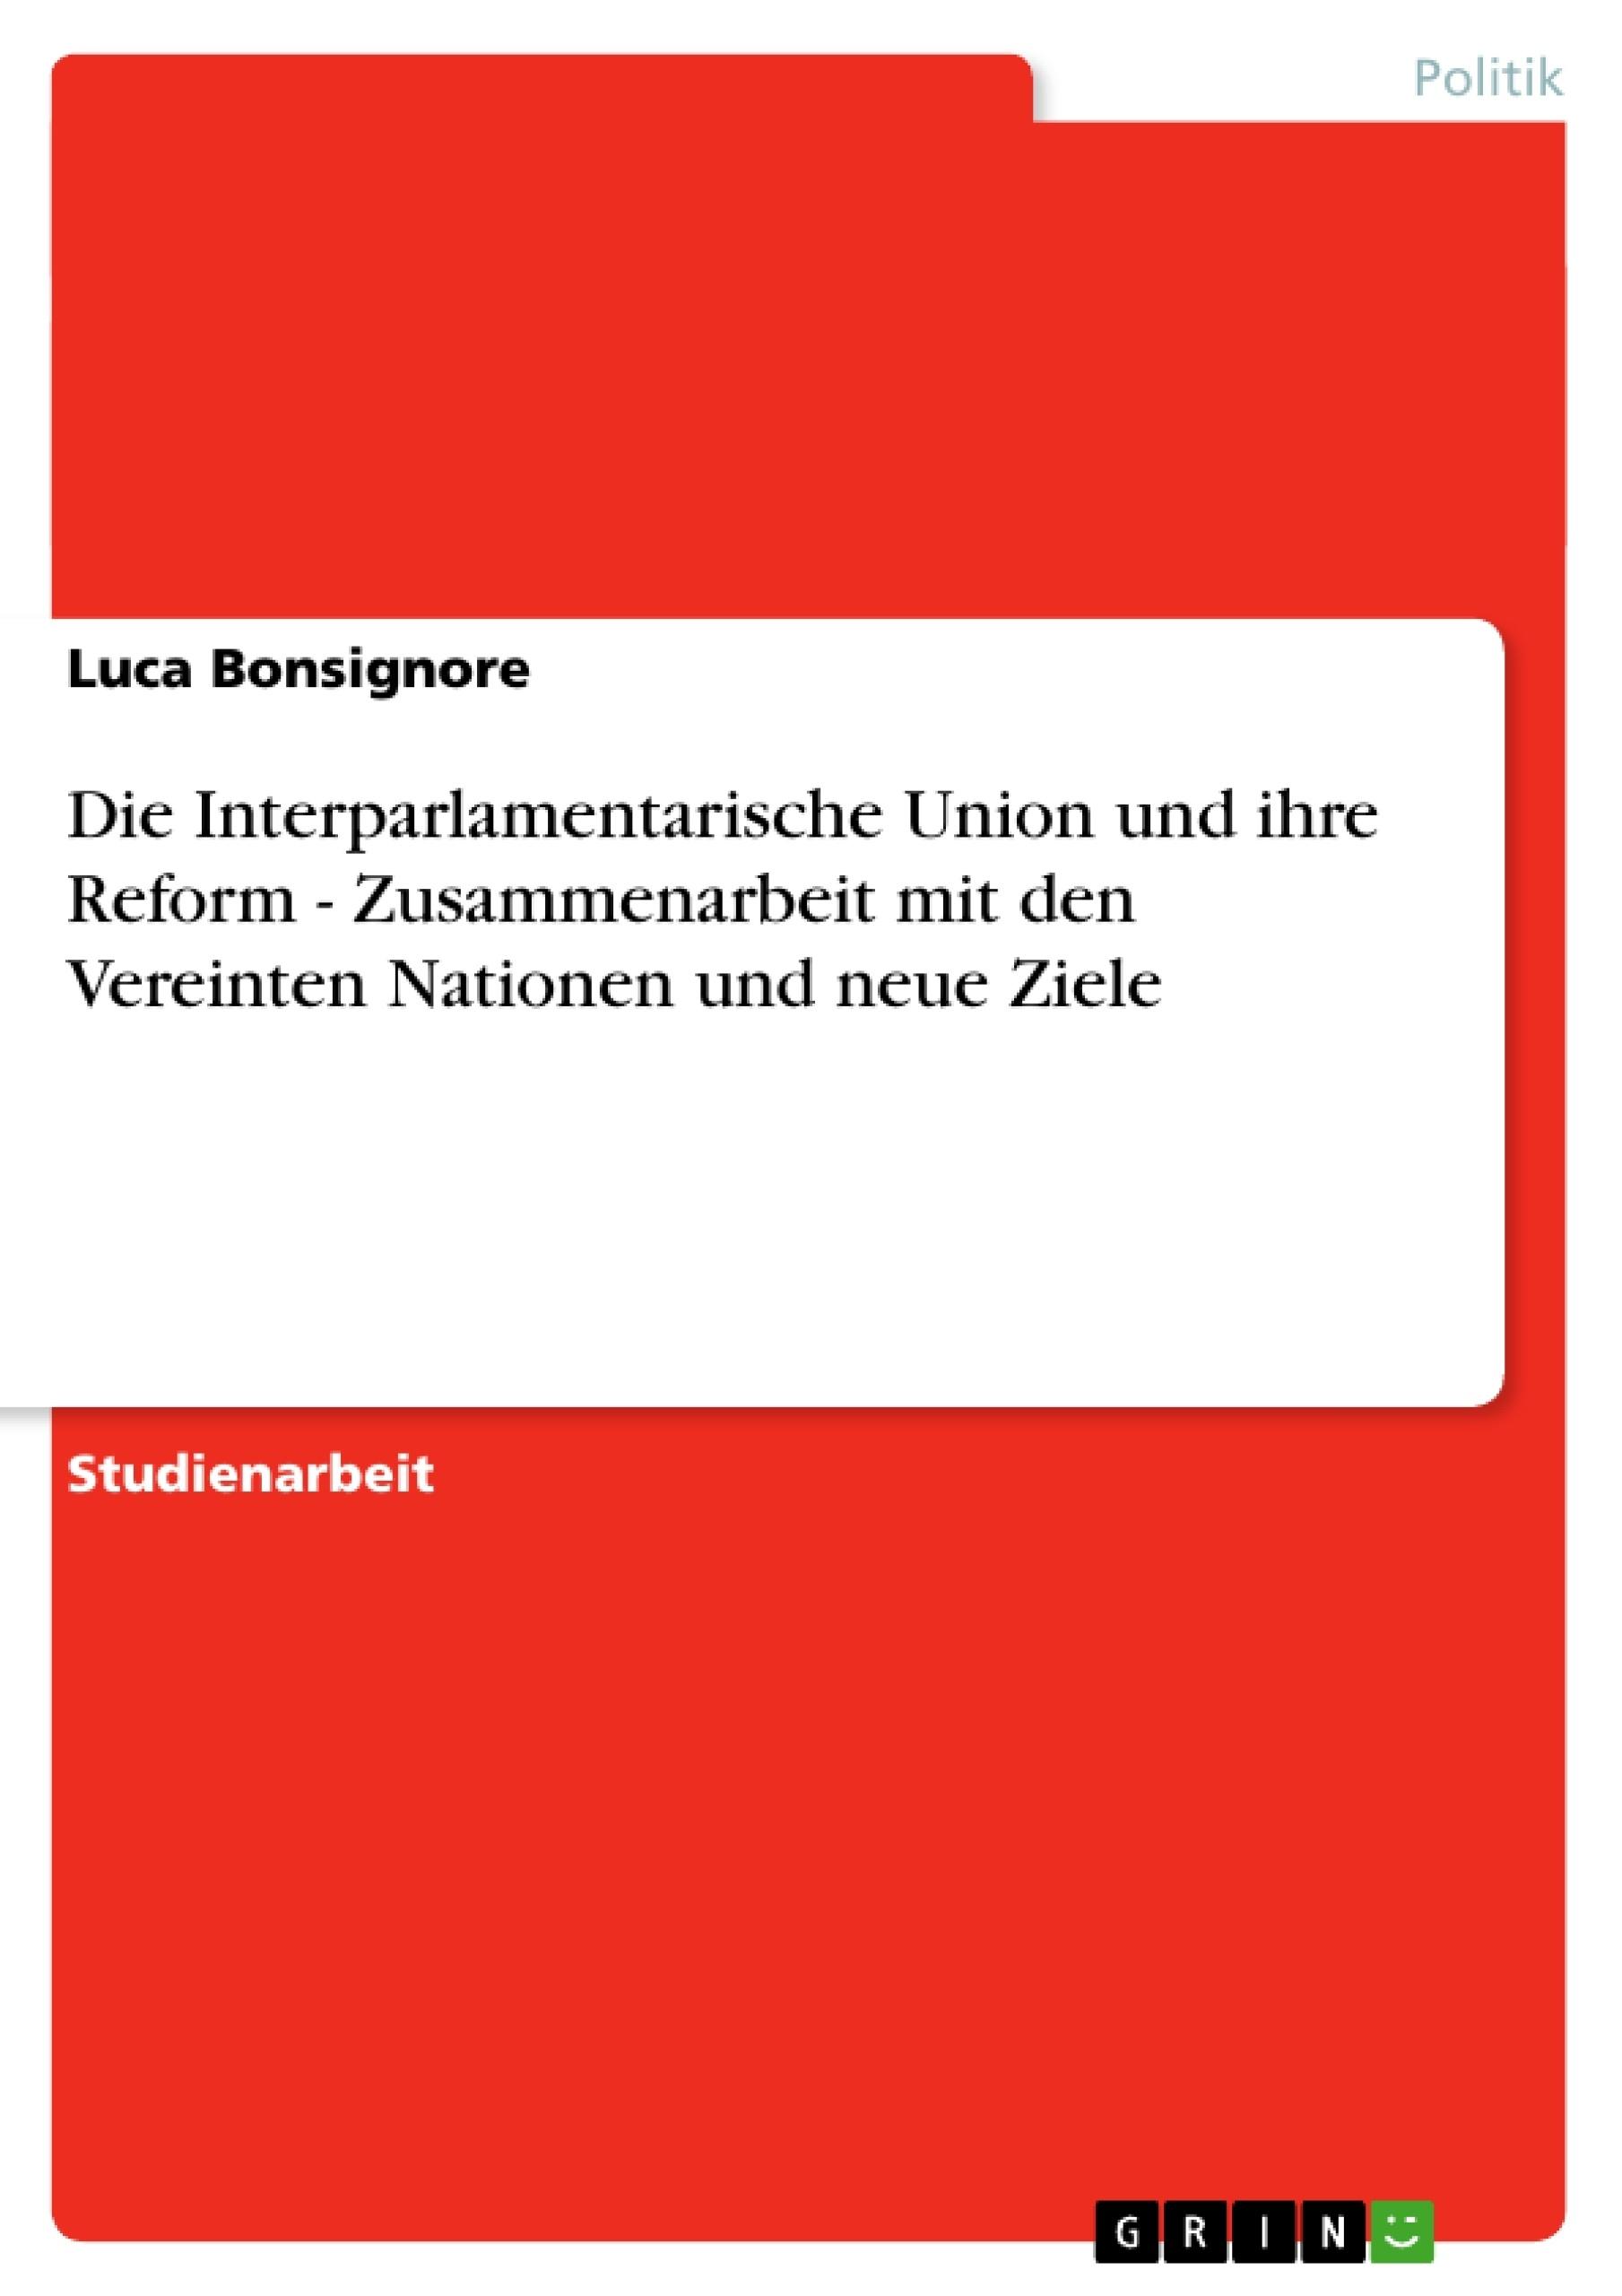 Titel: Die Interparlamentarische Union und ihre Reform - Zusammenarbeit mit den Vereinten Nationen und neue Ziele